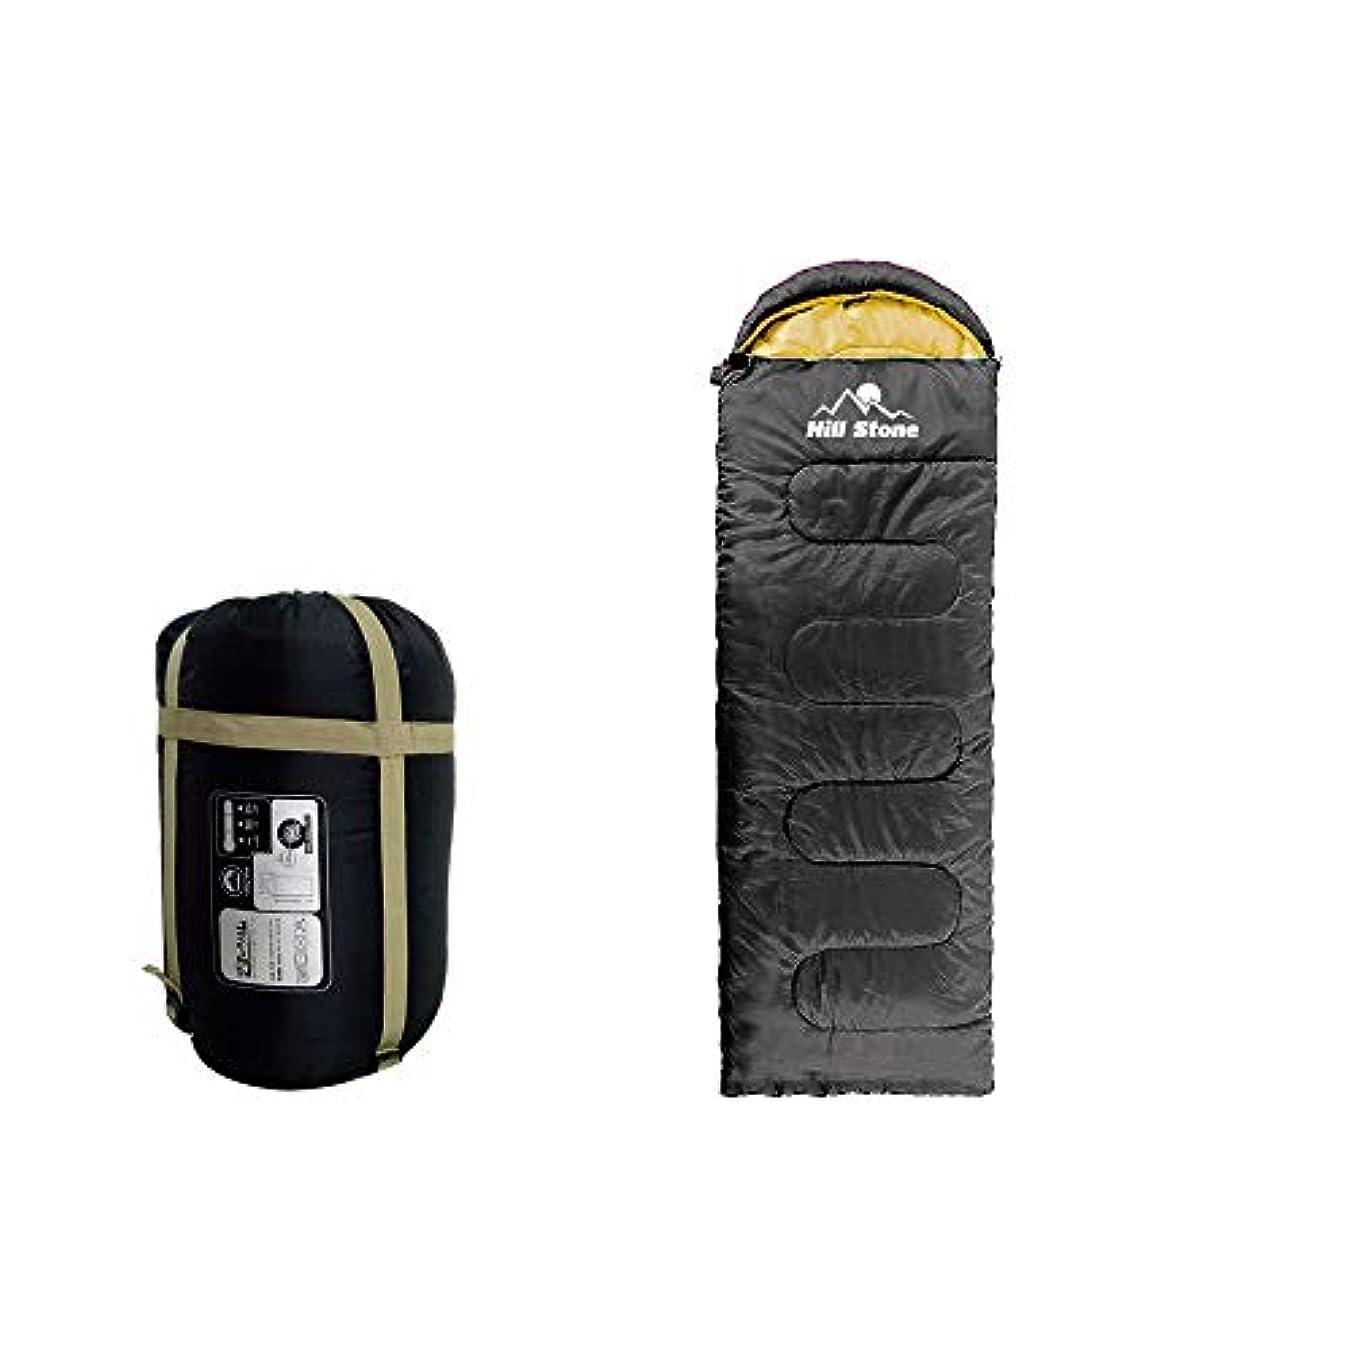 賞賛する汚染するペニーHewflit 寝袋 シュラフ 冬用 封筒型 1.95kg コンパクト 掛け布団 複数連結可能 収納袋付き 全5色 Rサイド/Lサイド選択可